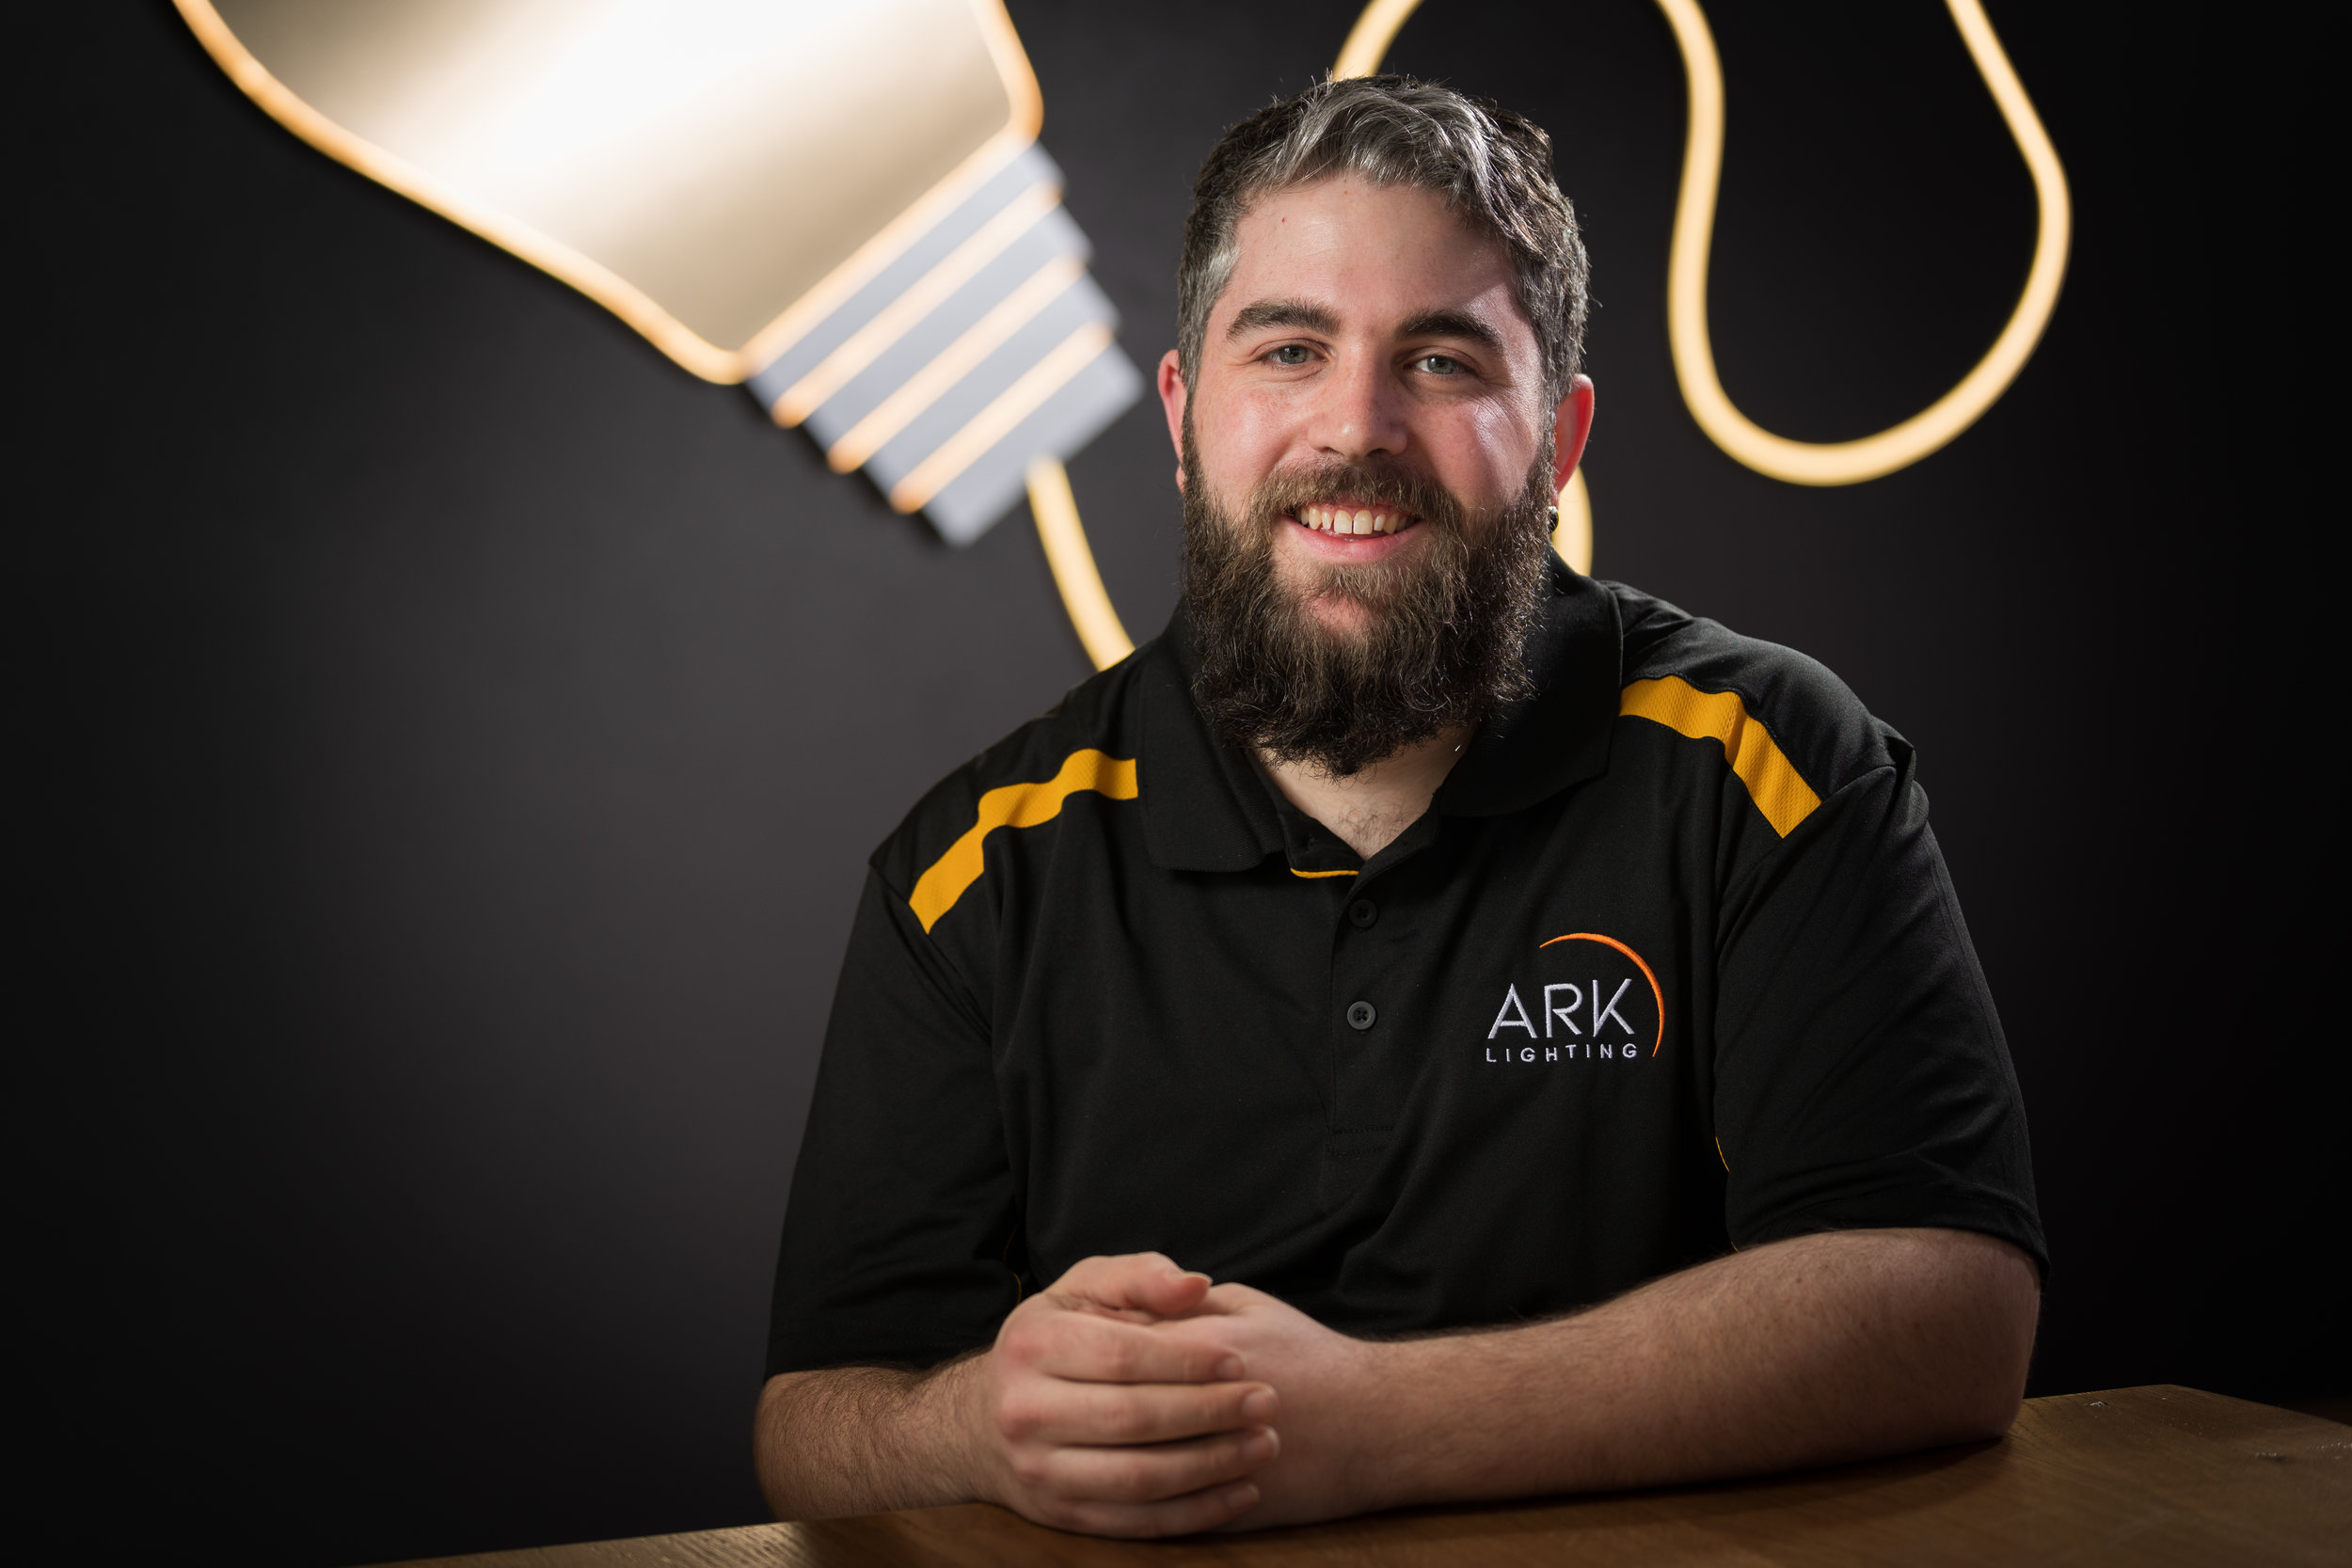 Ben McKimmie Ark Lighting